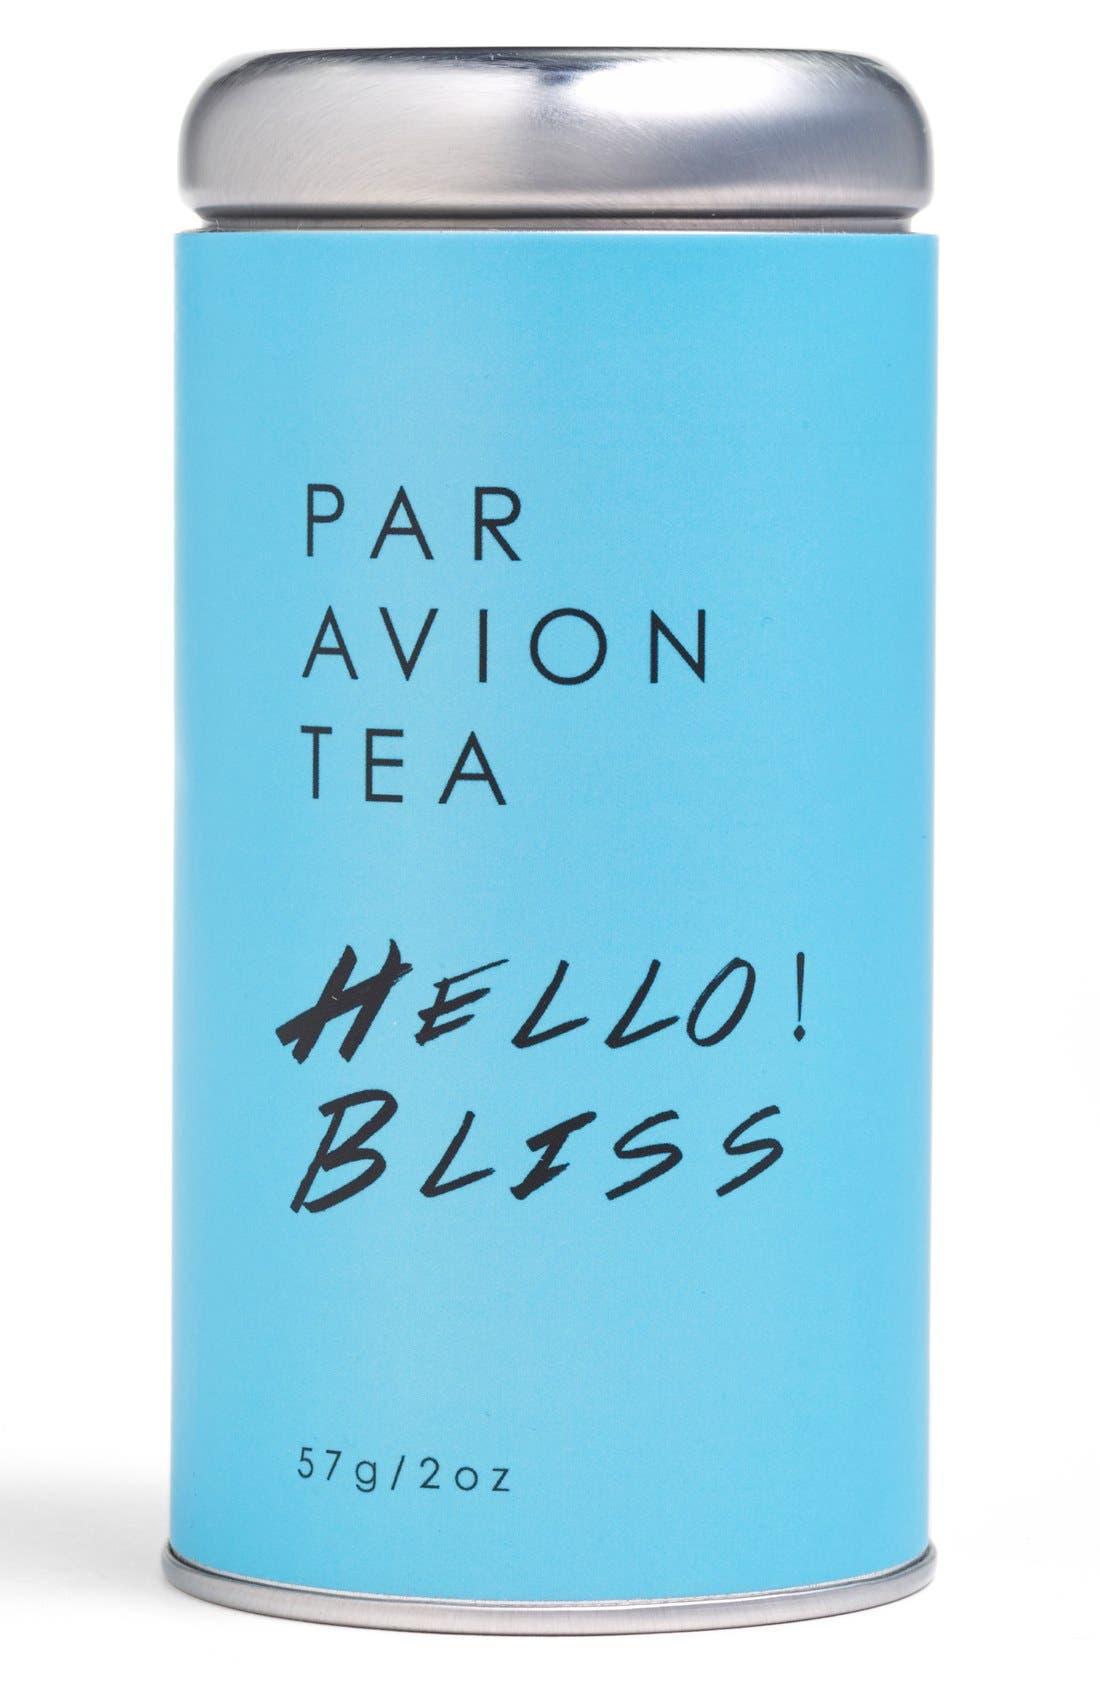 'Hello!' Beauty & Wellness Tea,                             Main thumbnail 1, color,                             400